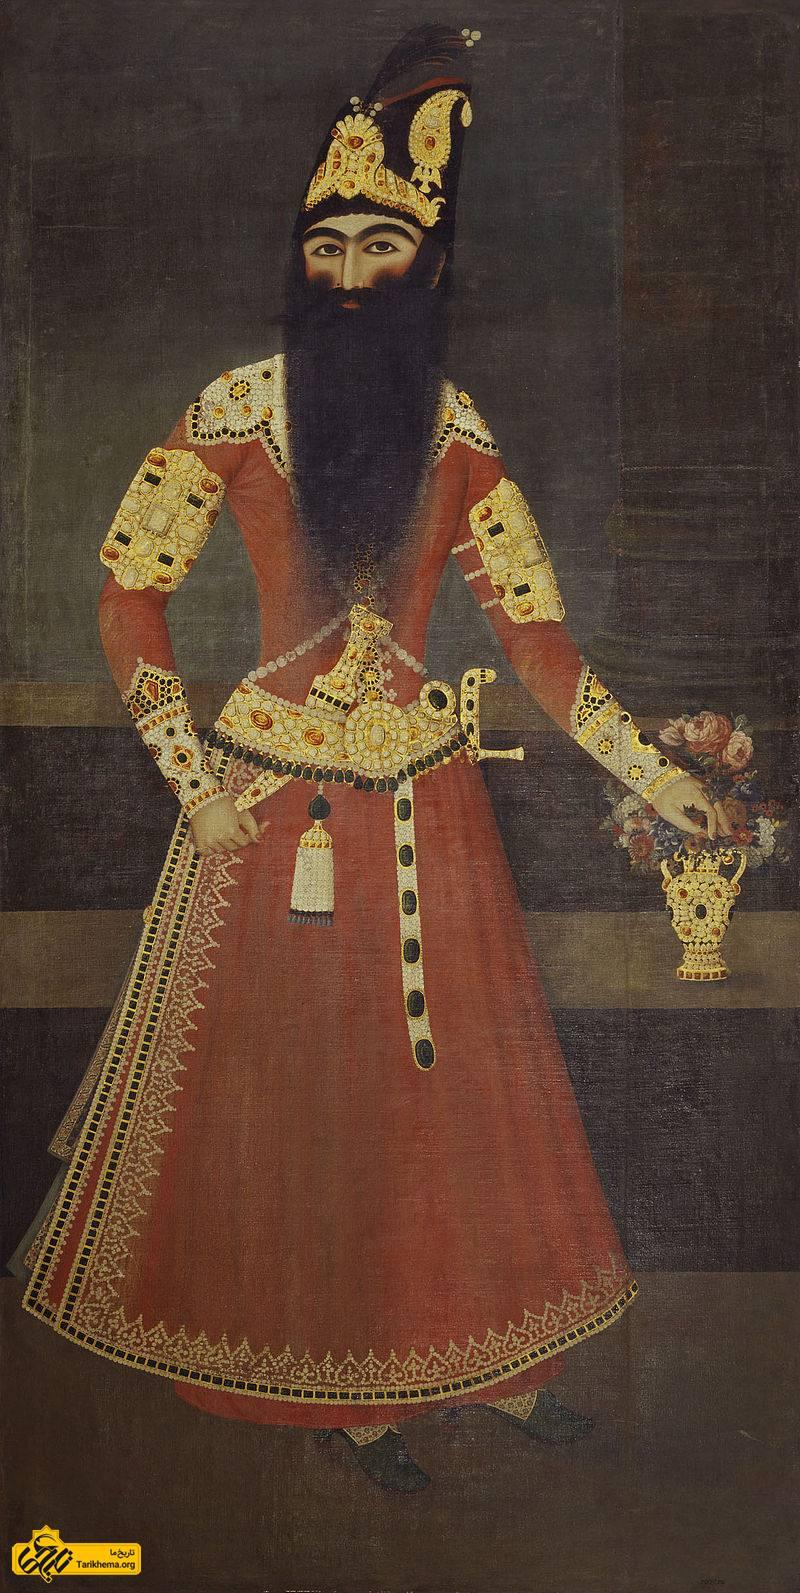 نگاره فتحعلیشاه اثر عبدالله خان نقاشباشی، محل نگهداری این اثر موزه ویکتوریا و آلبرت در لندن است.